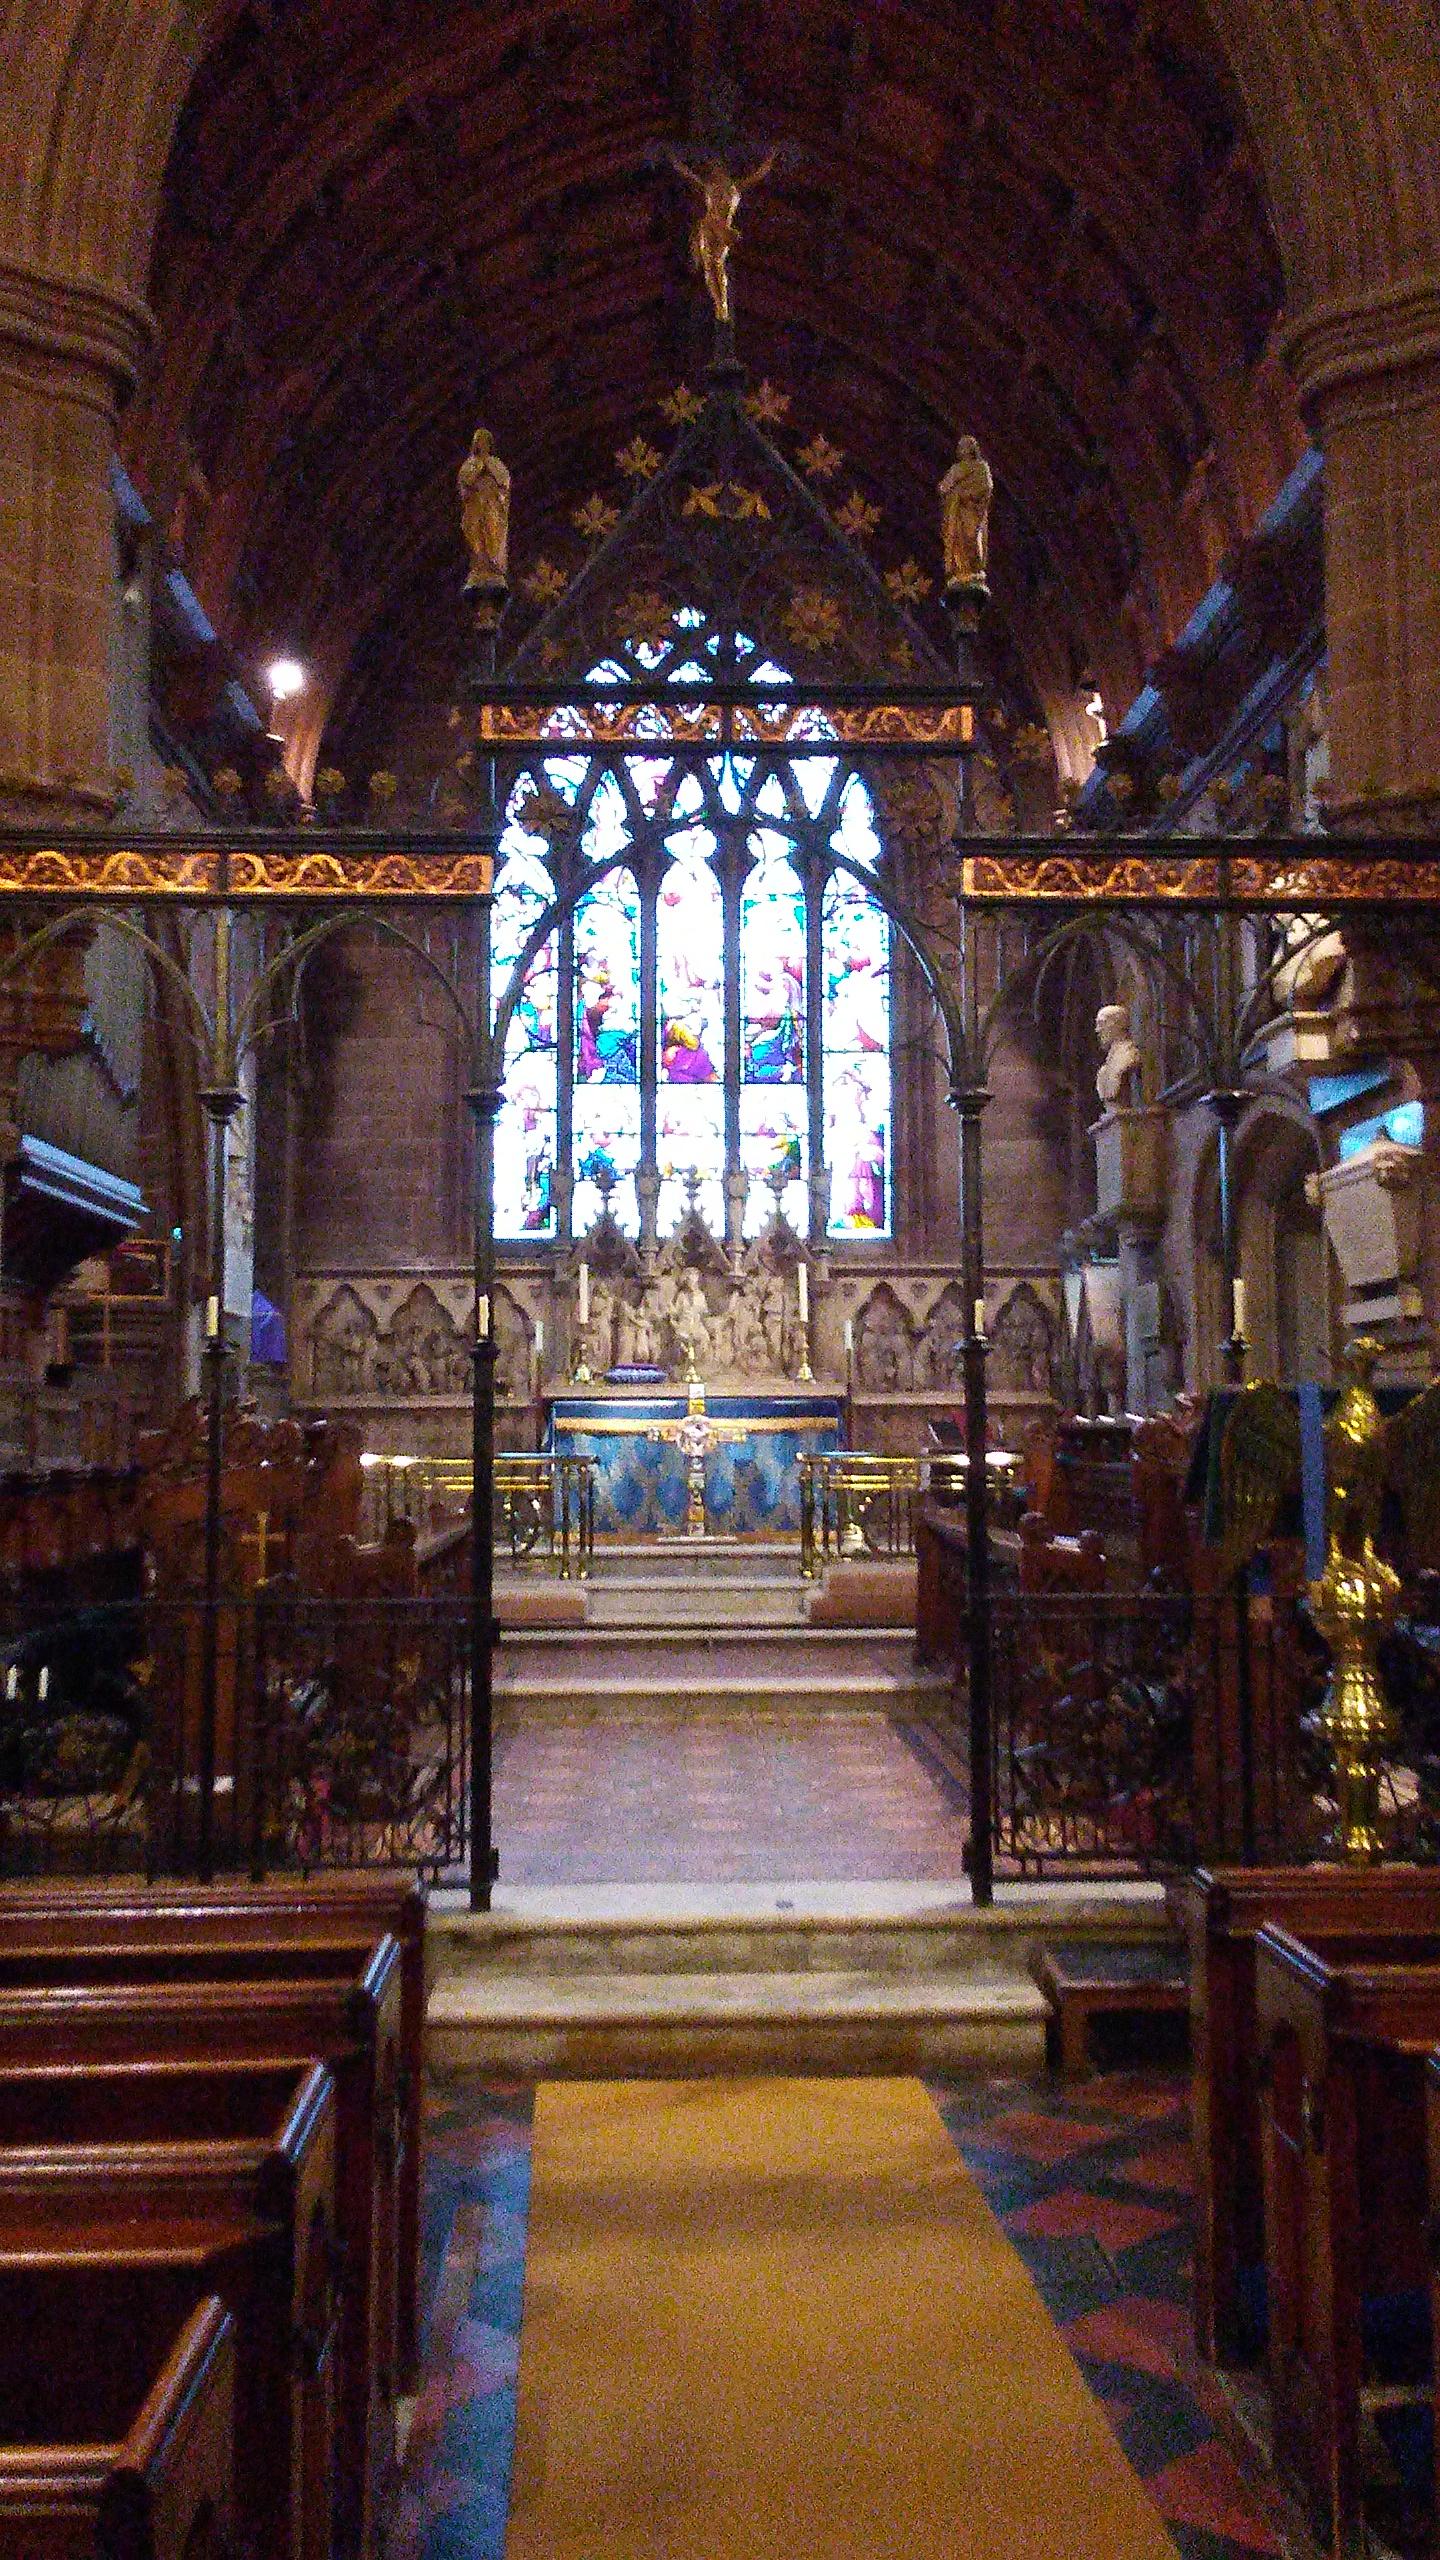 09.21 St Mary's interior.jpg